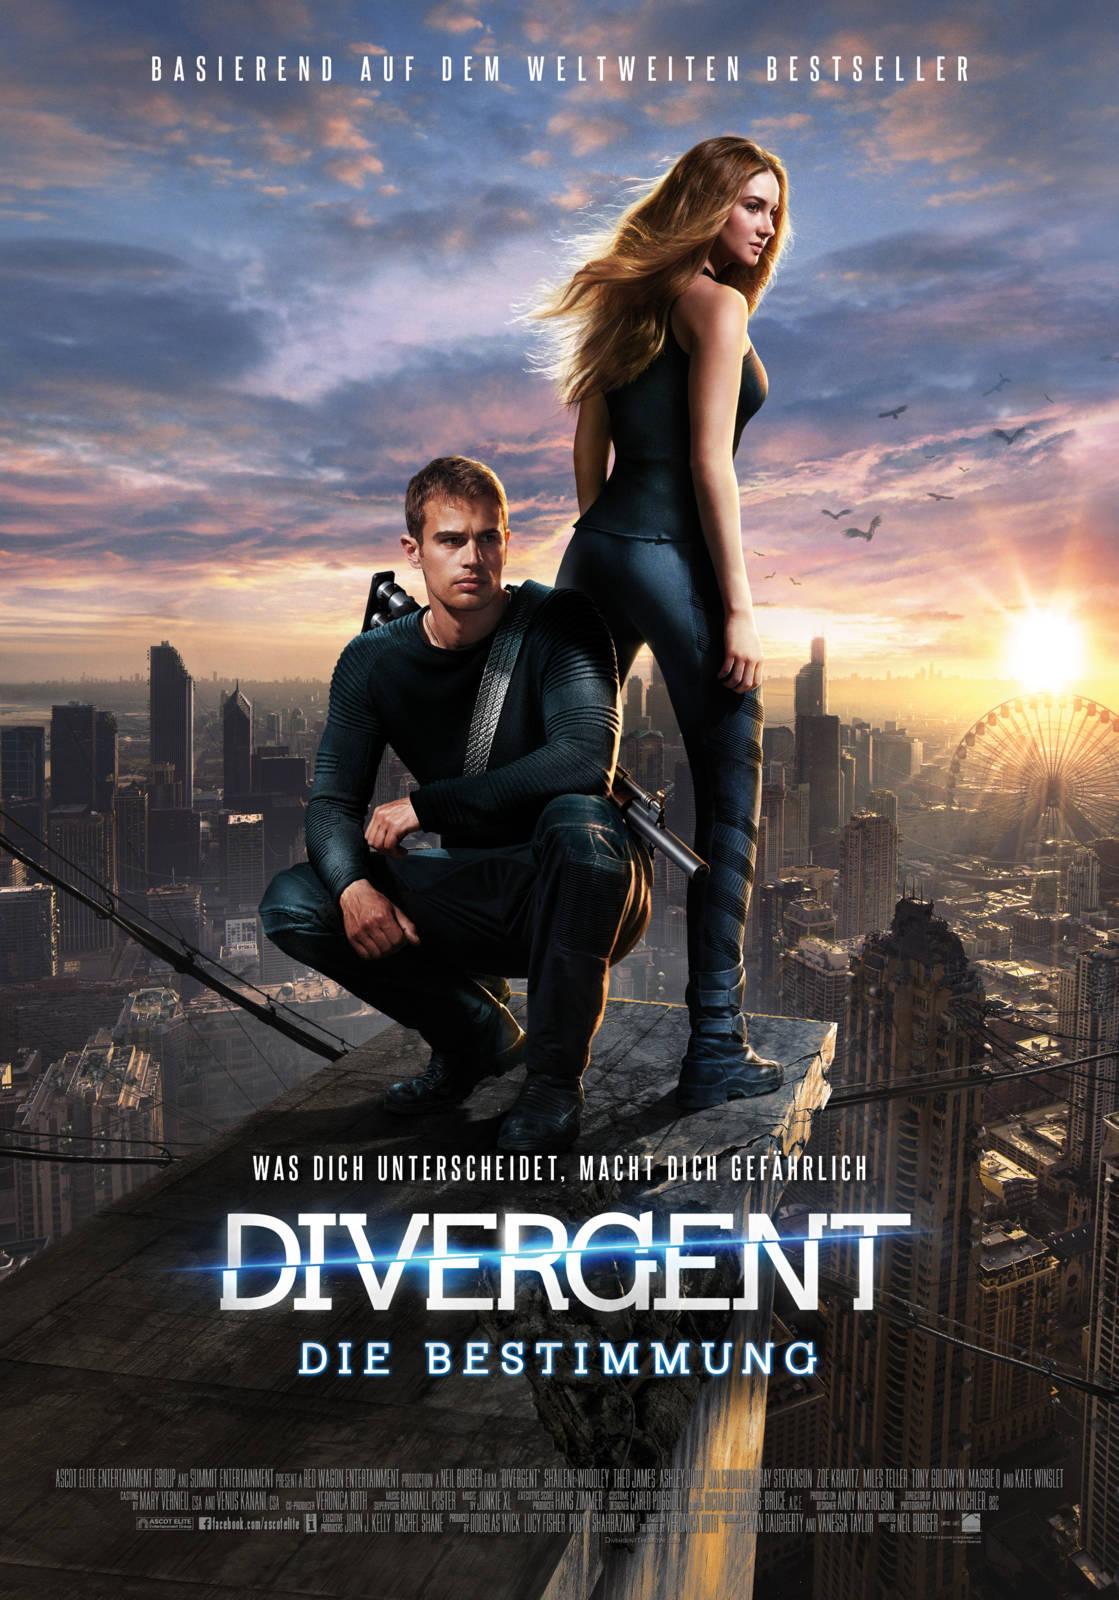 Filme Wie Divergent